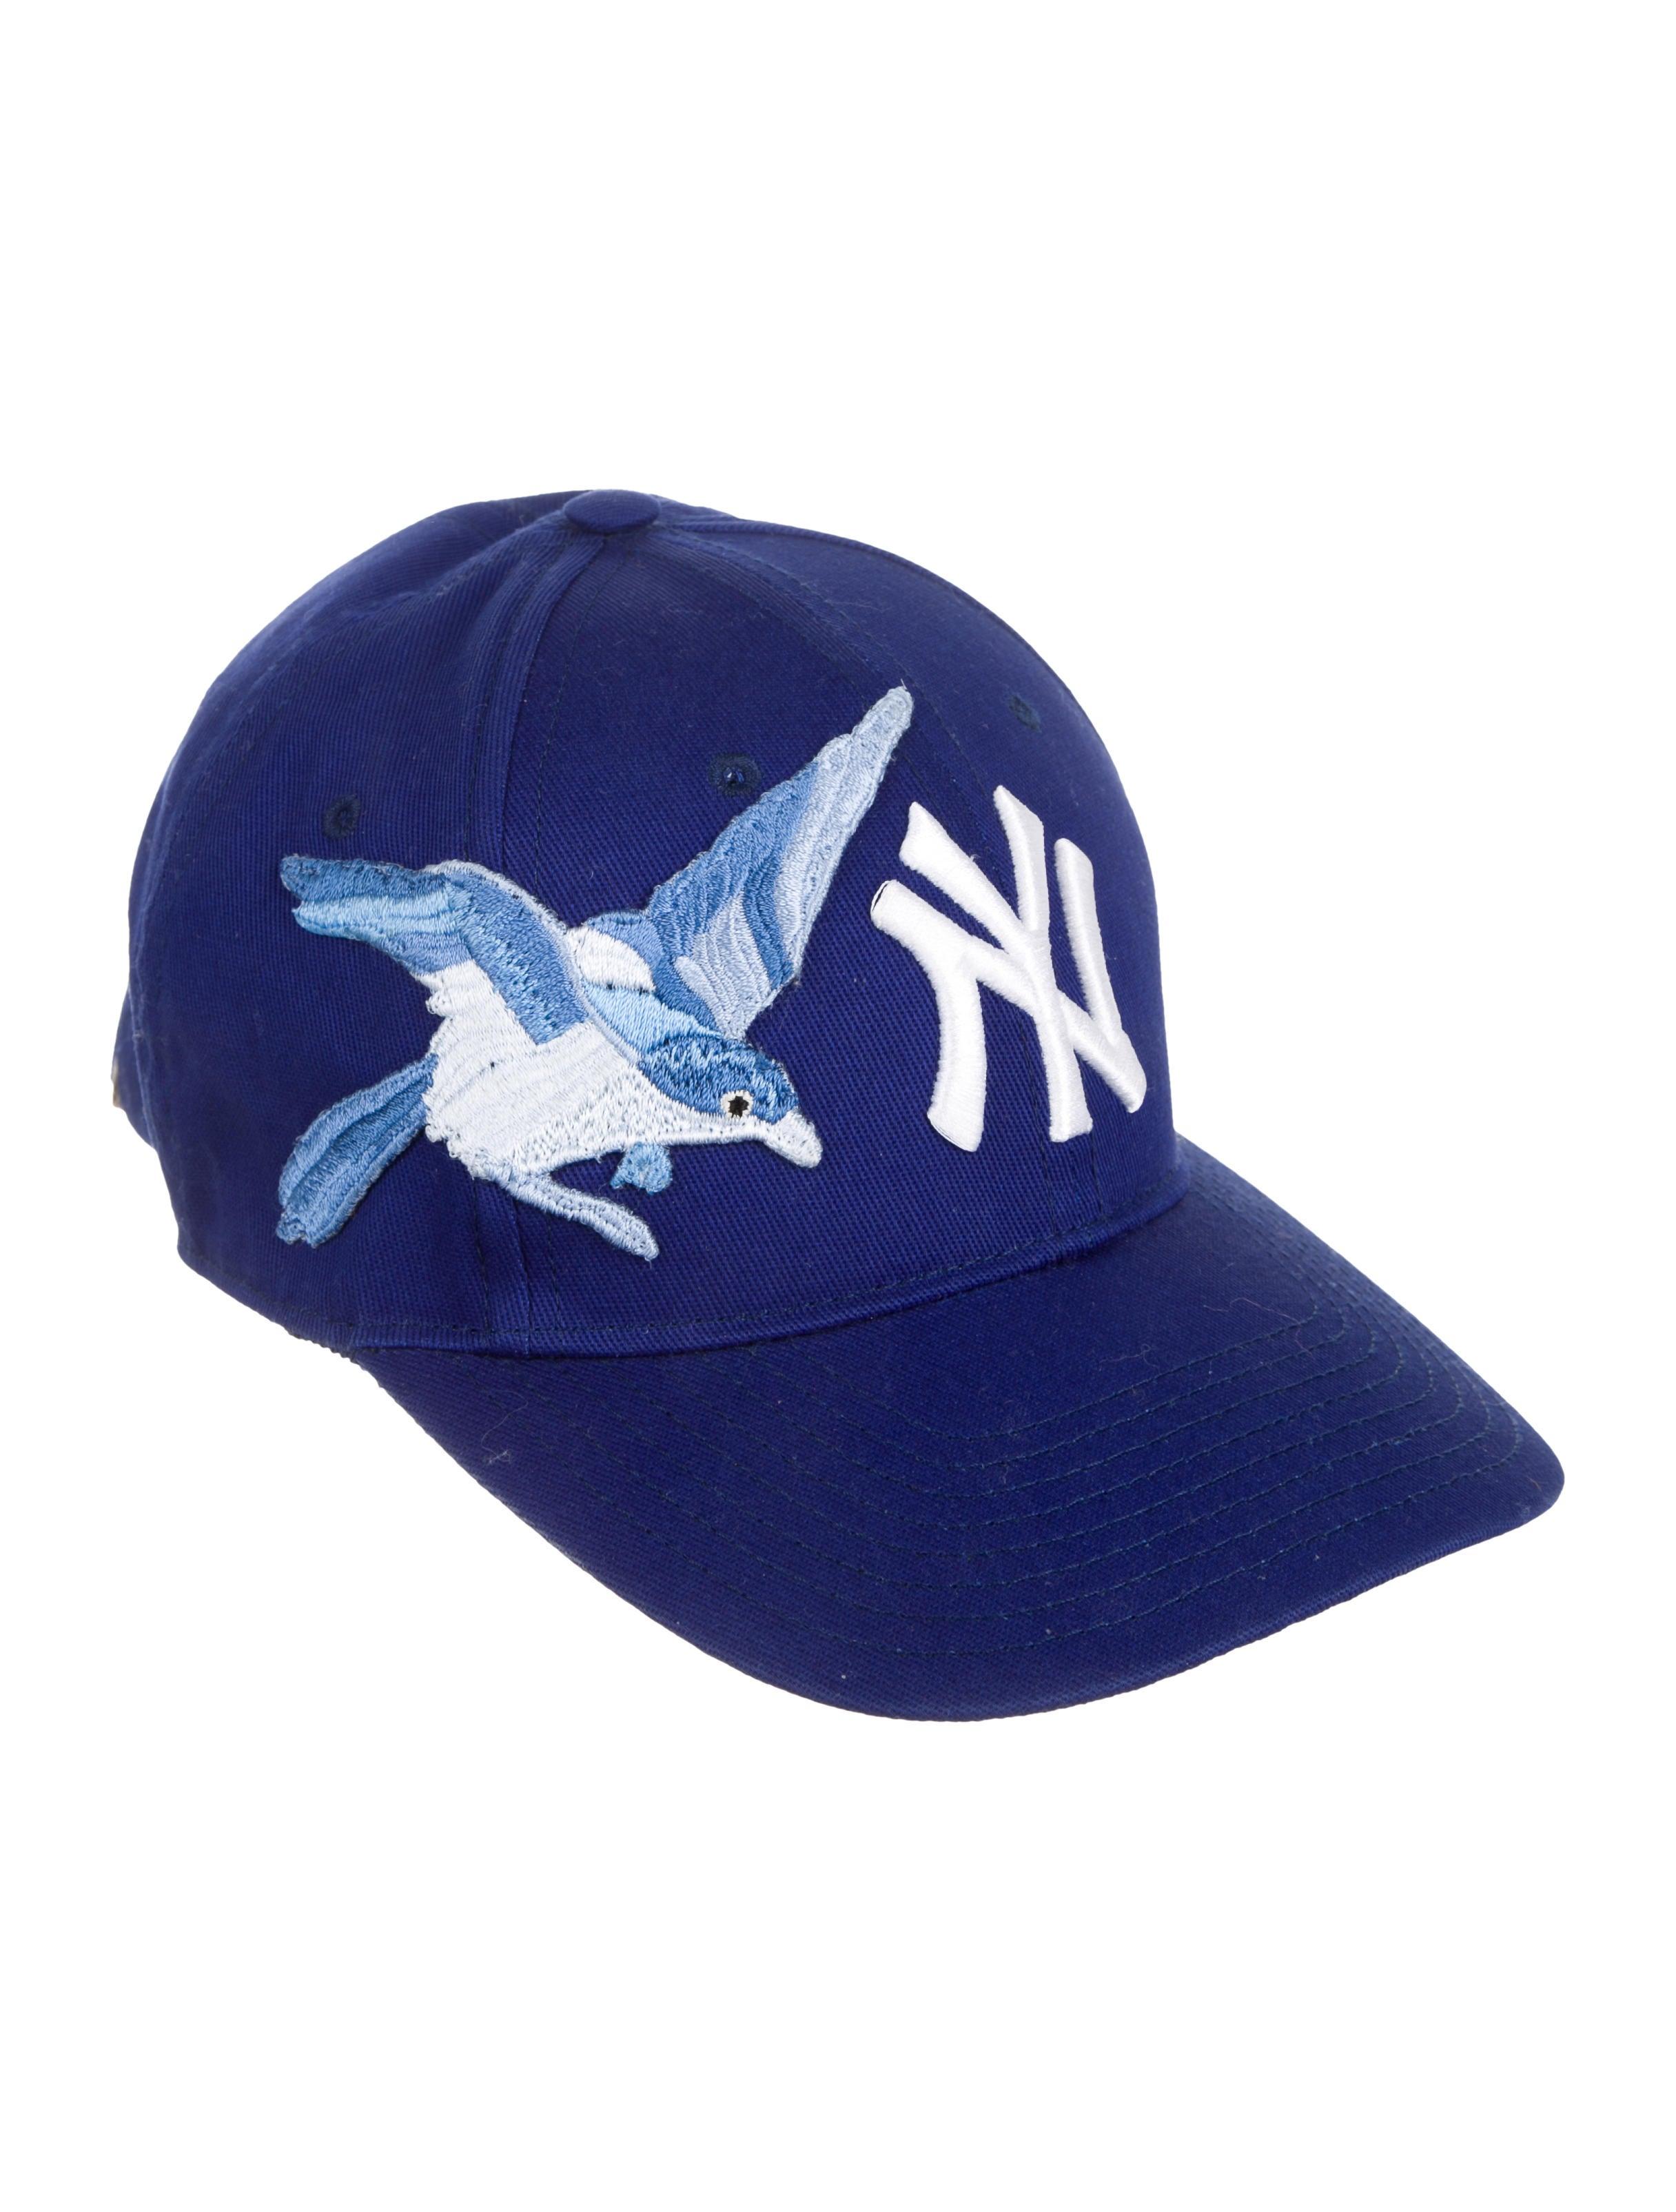 3059a47e5661a Gucci 2018 NY Yankees Cap - Accessories - GUC262854